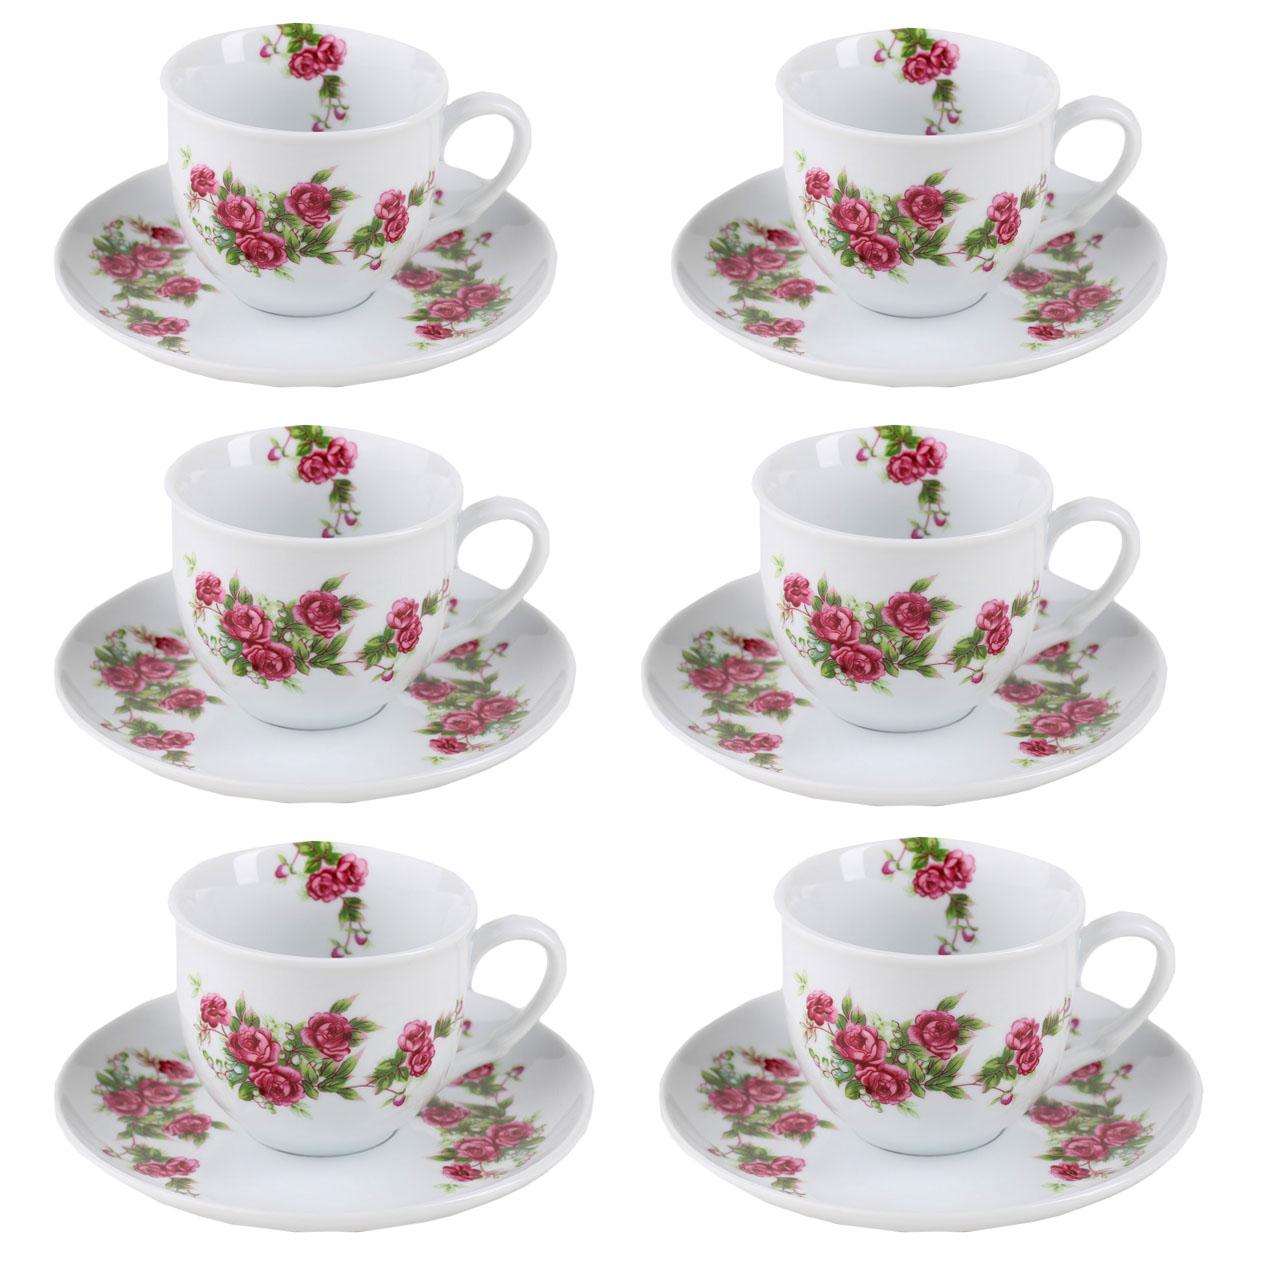 سرویس چایخوری 12 پارچه طرح گلسرخی کد EA18